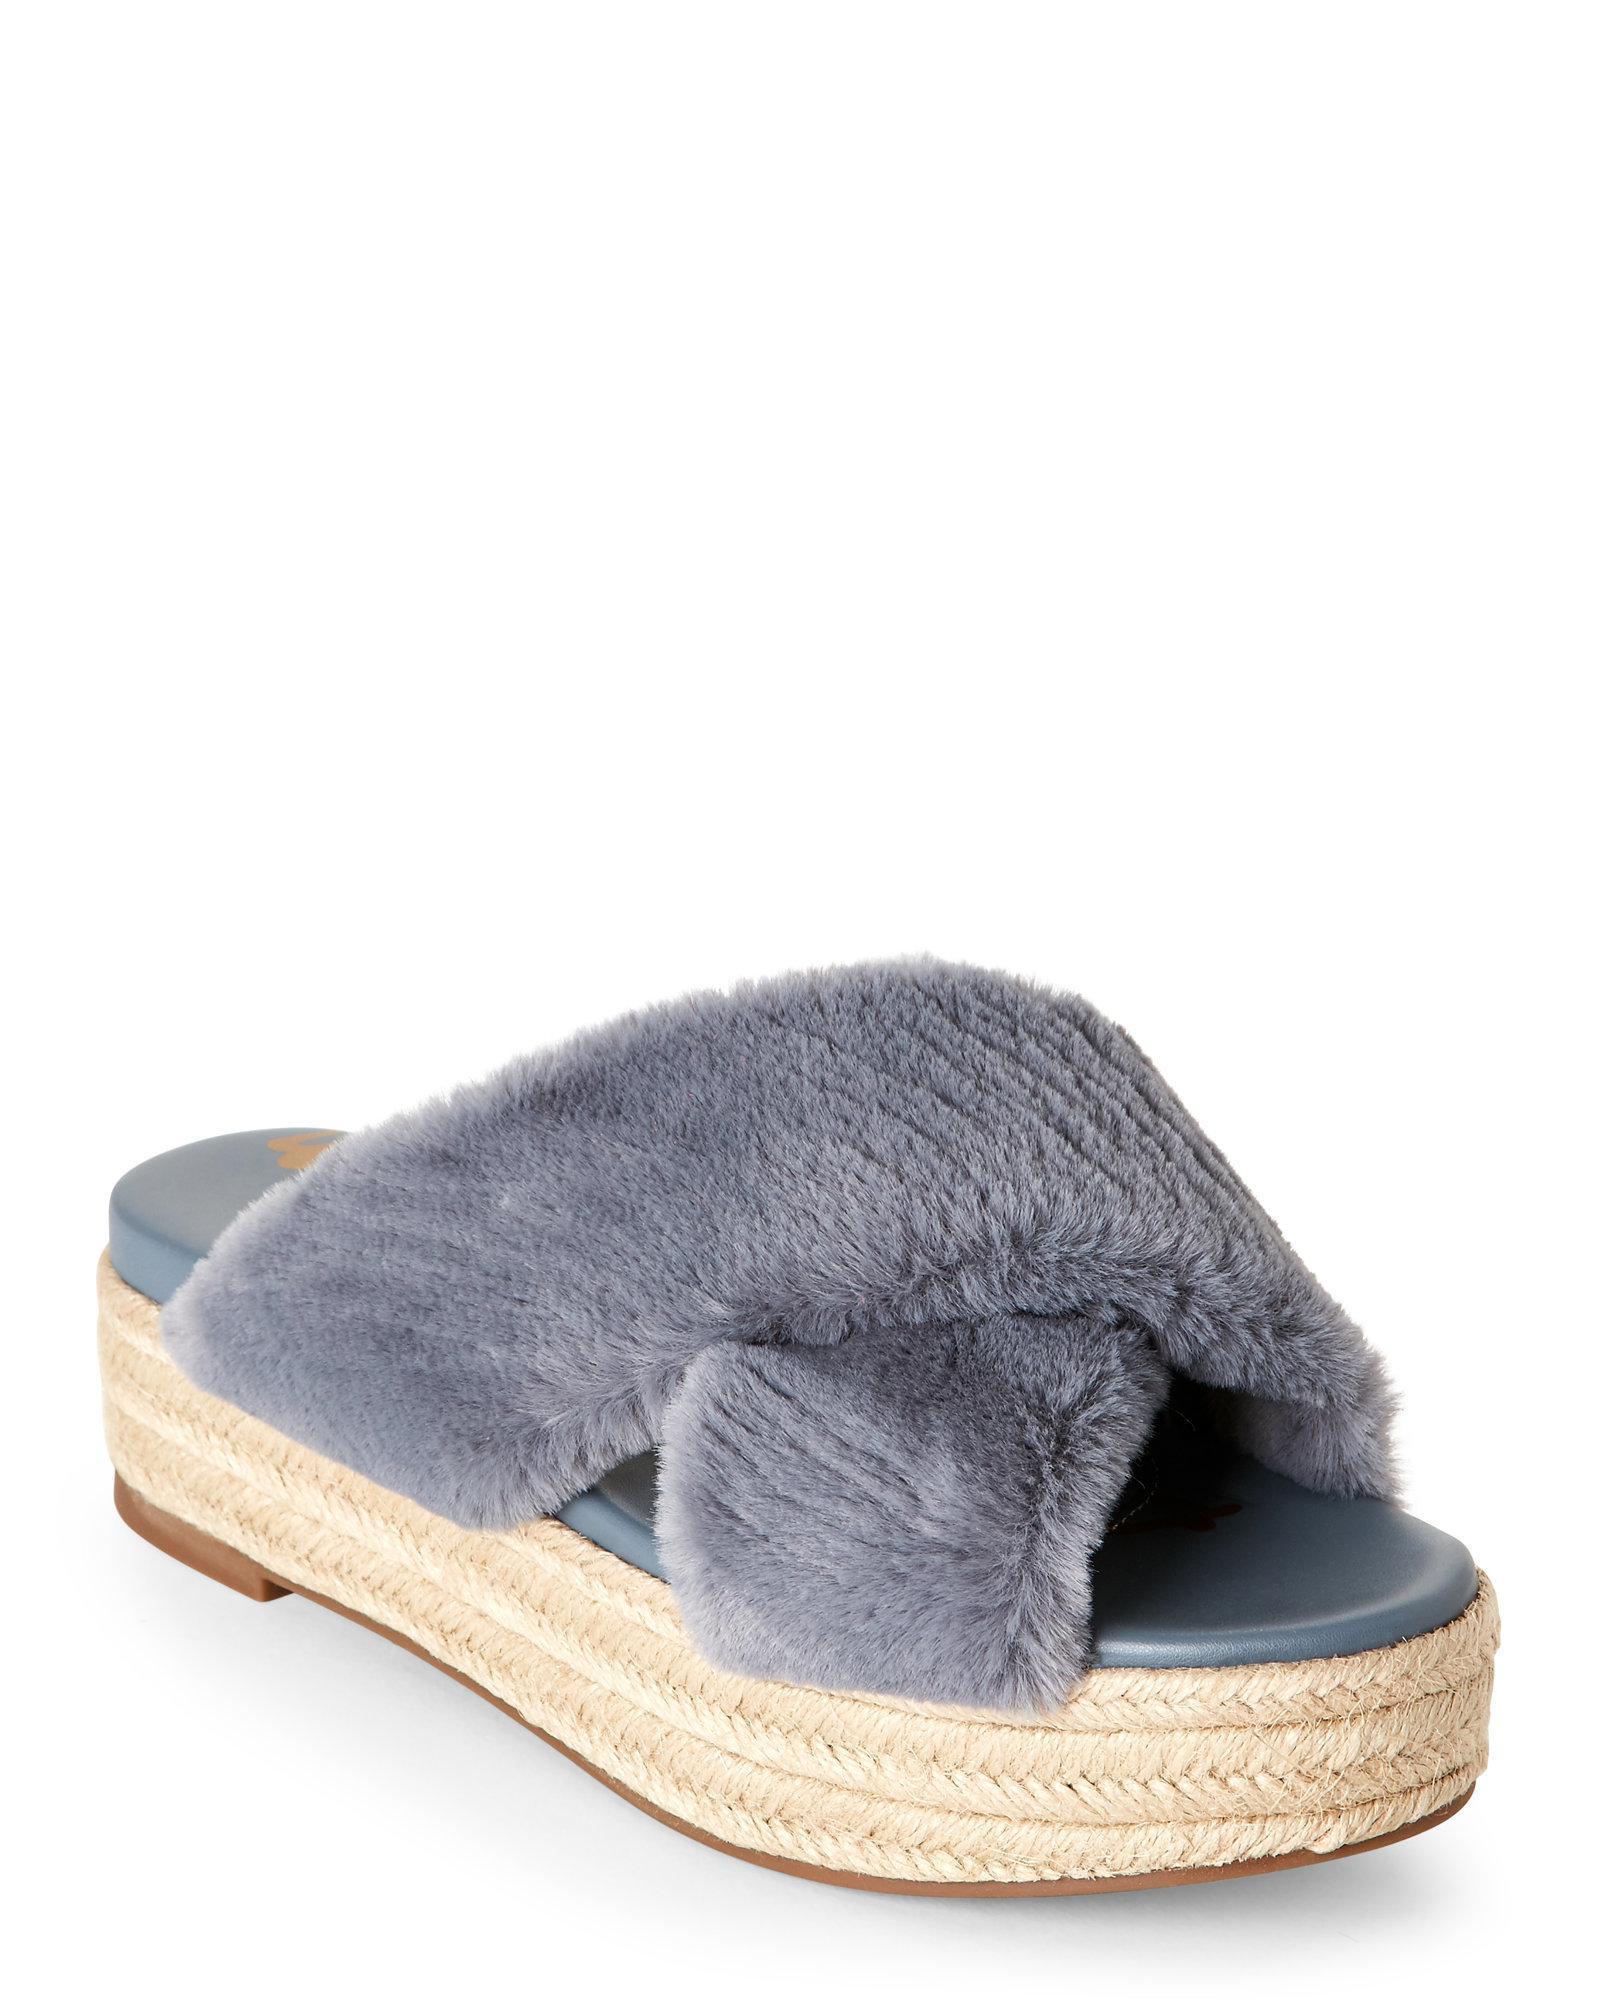 98185ab9372 Lyst - Sam Edelman Blue Grey Zia Faux Fur Platform Sandals in Gray